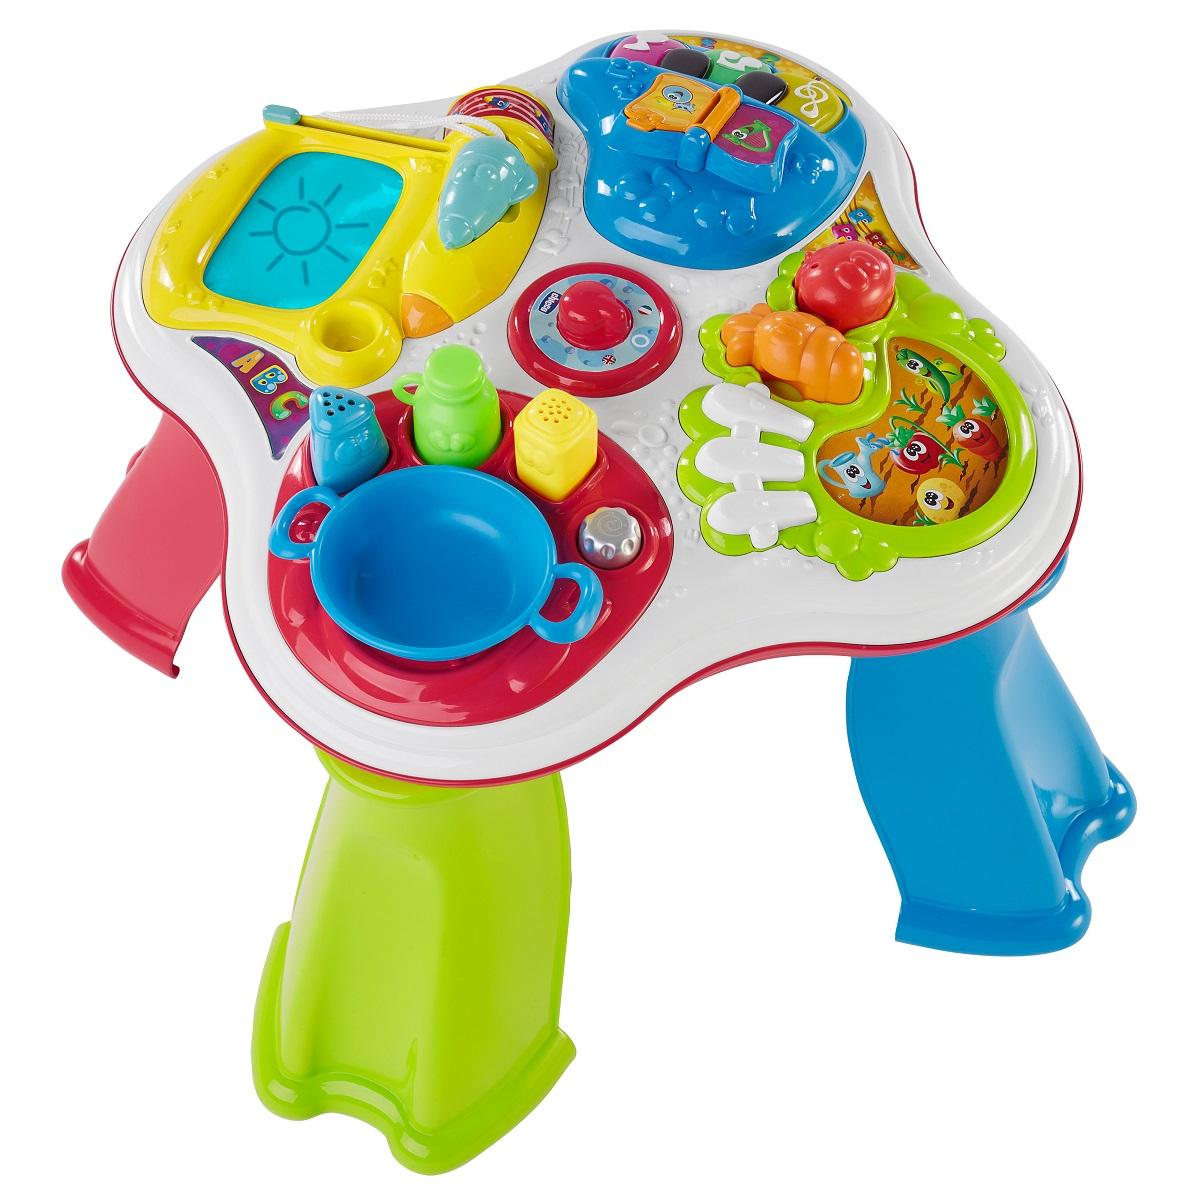 Говорящий столик со световыми и звуковыми эффектами - Игровые столы и стулья, артикул: 167554